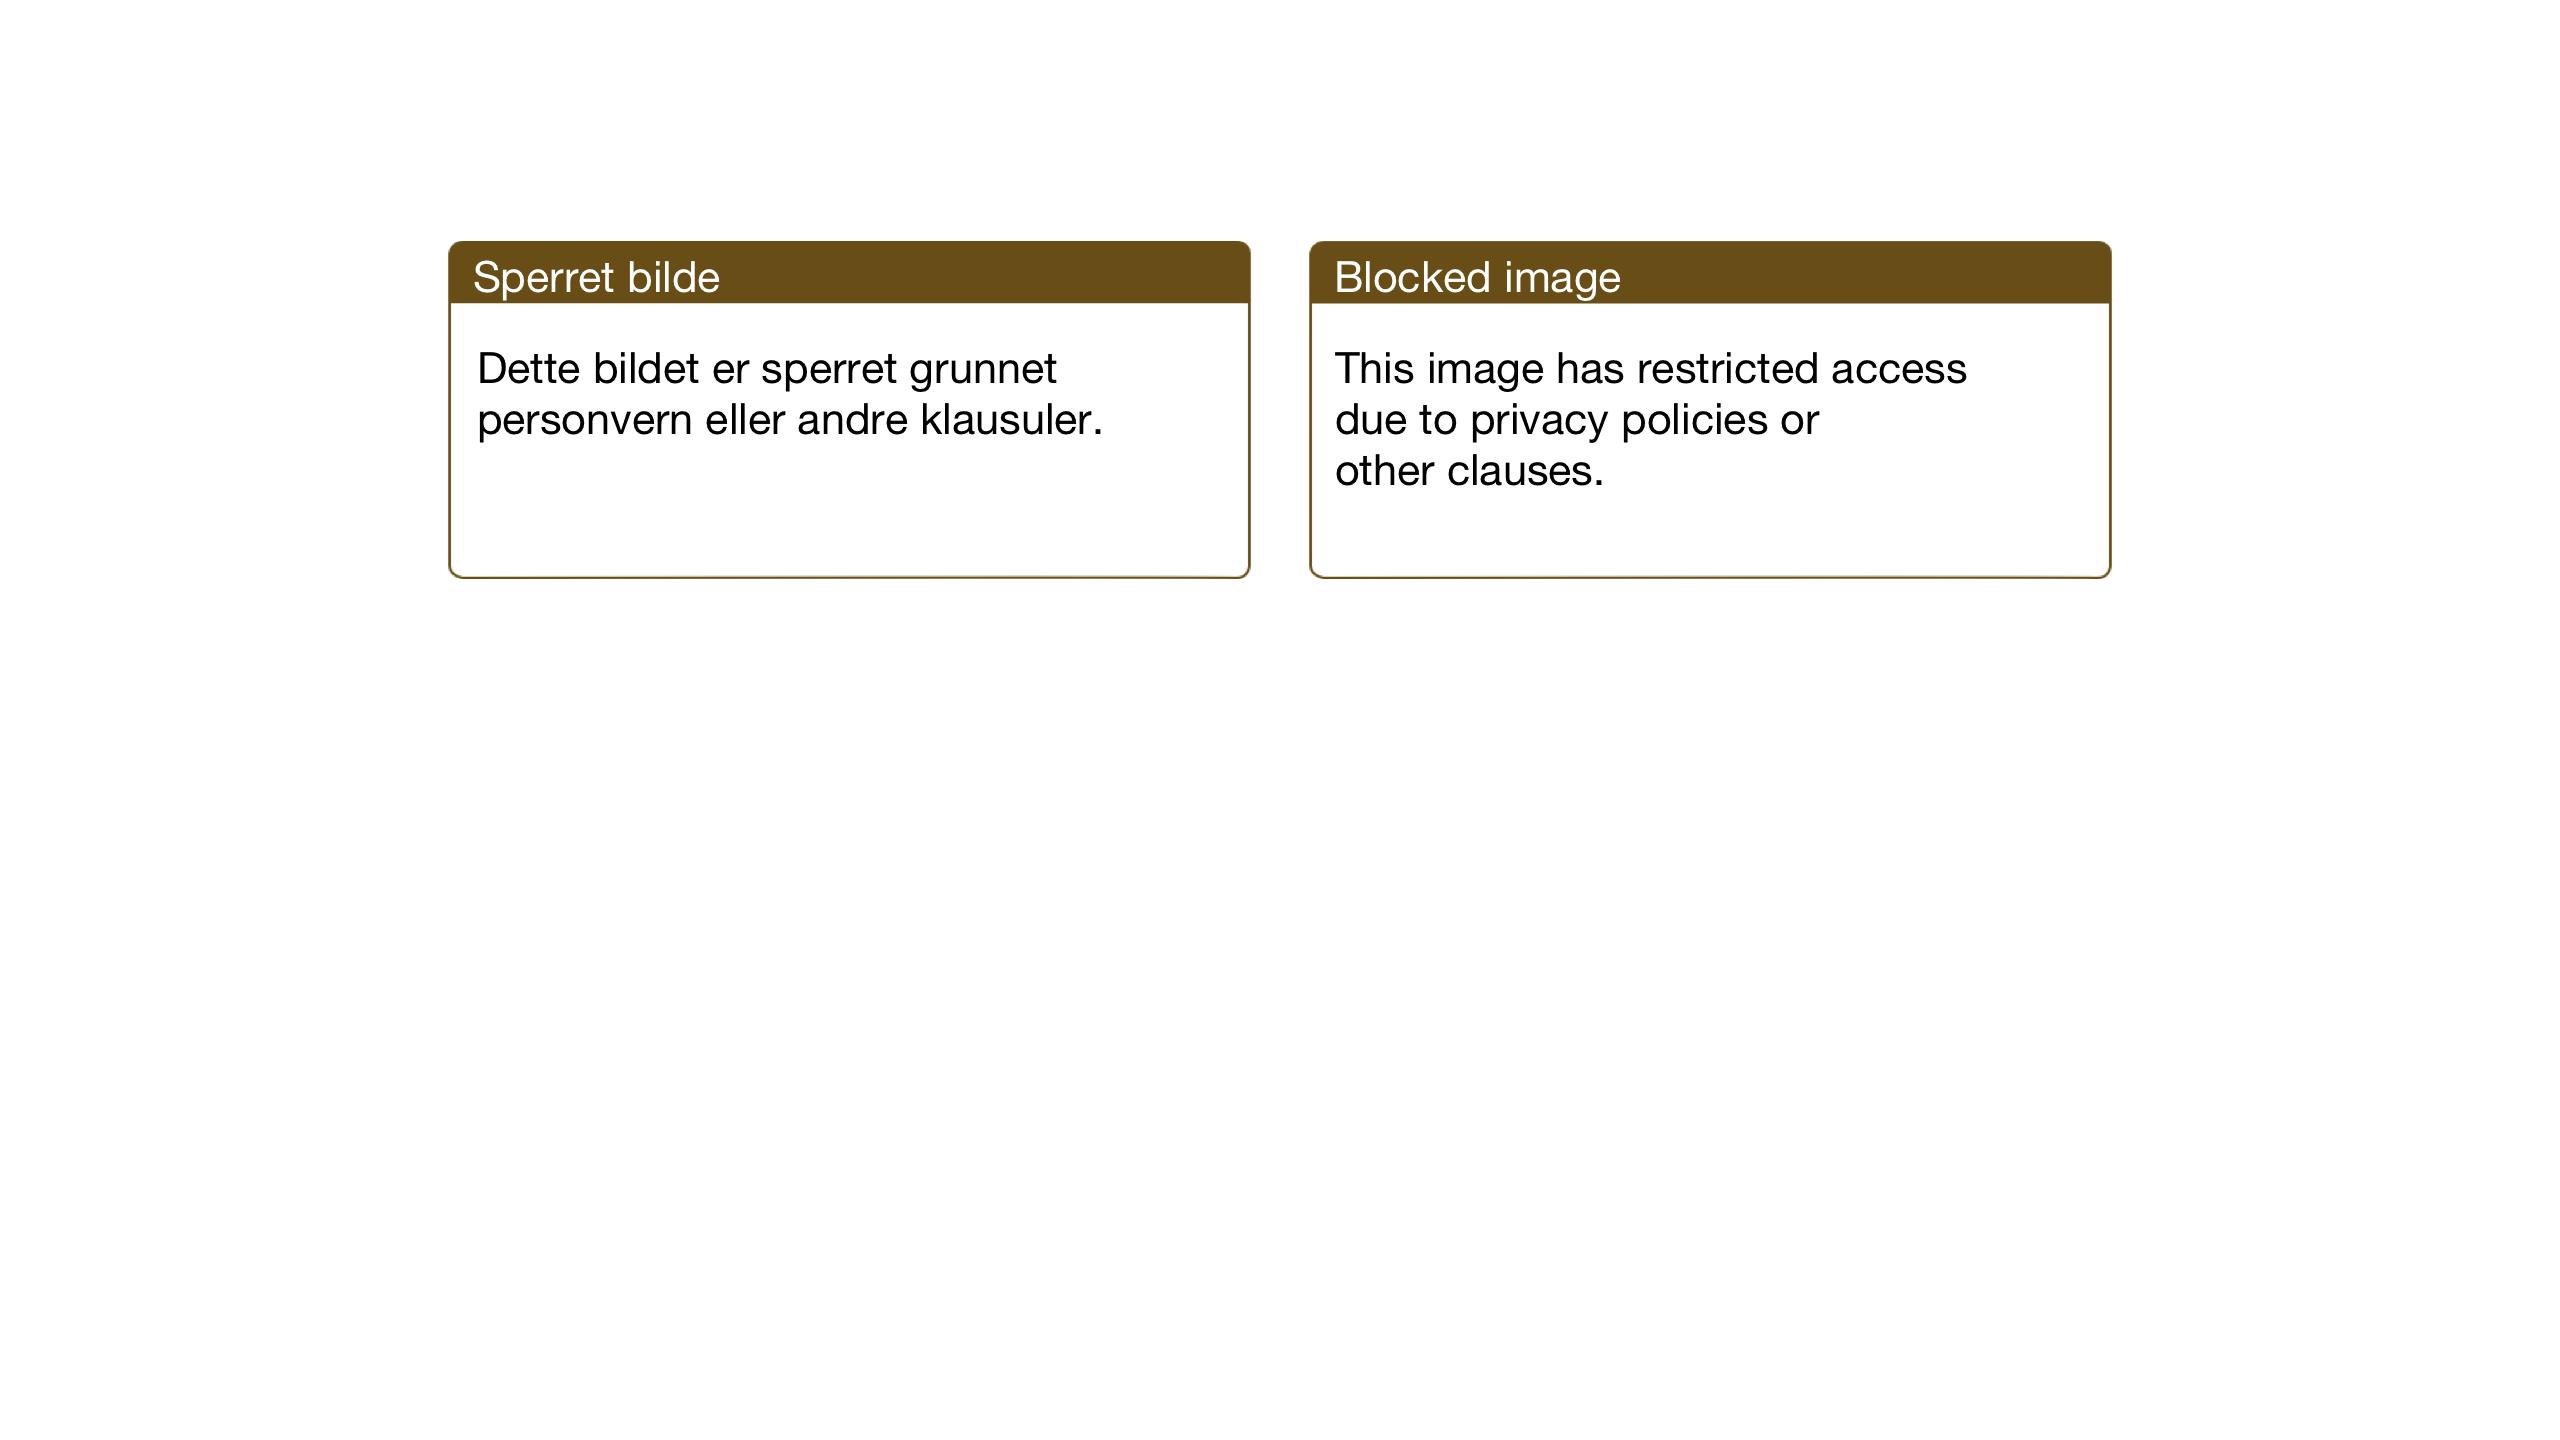 SAT, Ministerialprotokoller, klokkerbøker og fødselsregistre - Nord-Trøndelag, 755/L0500: Klokkerbok nr. 755C01, 1920-1962, s. 120